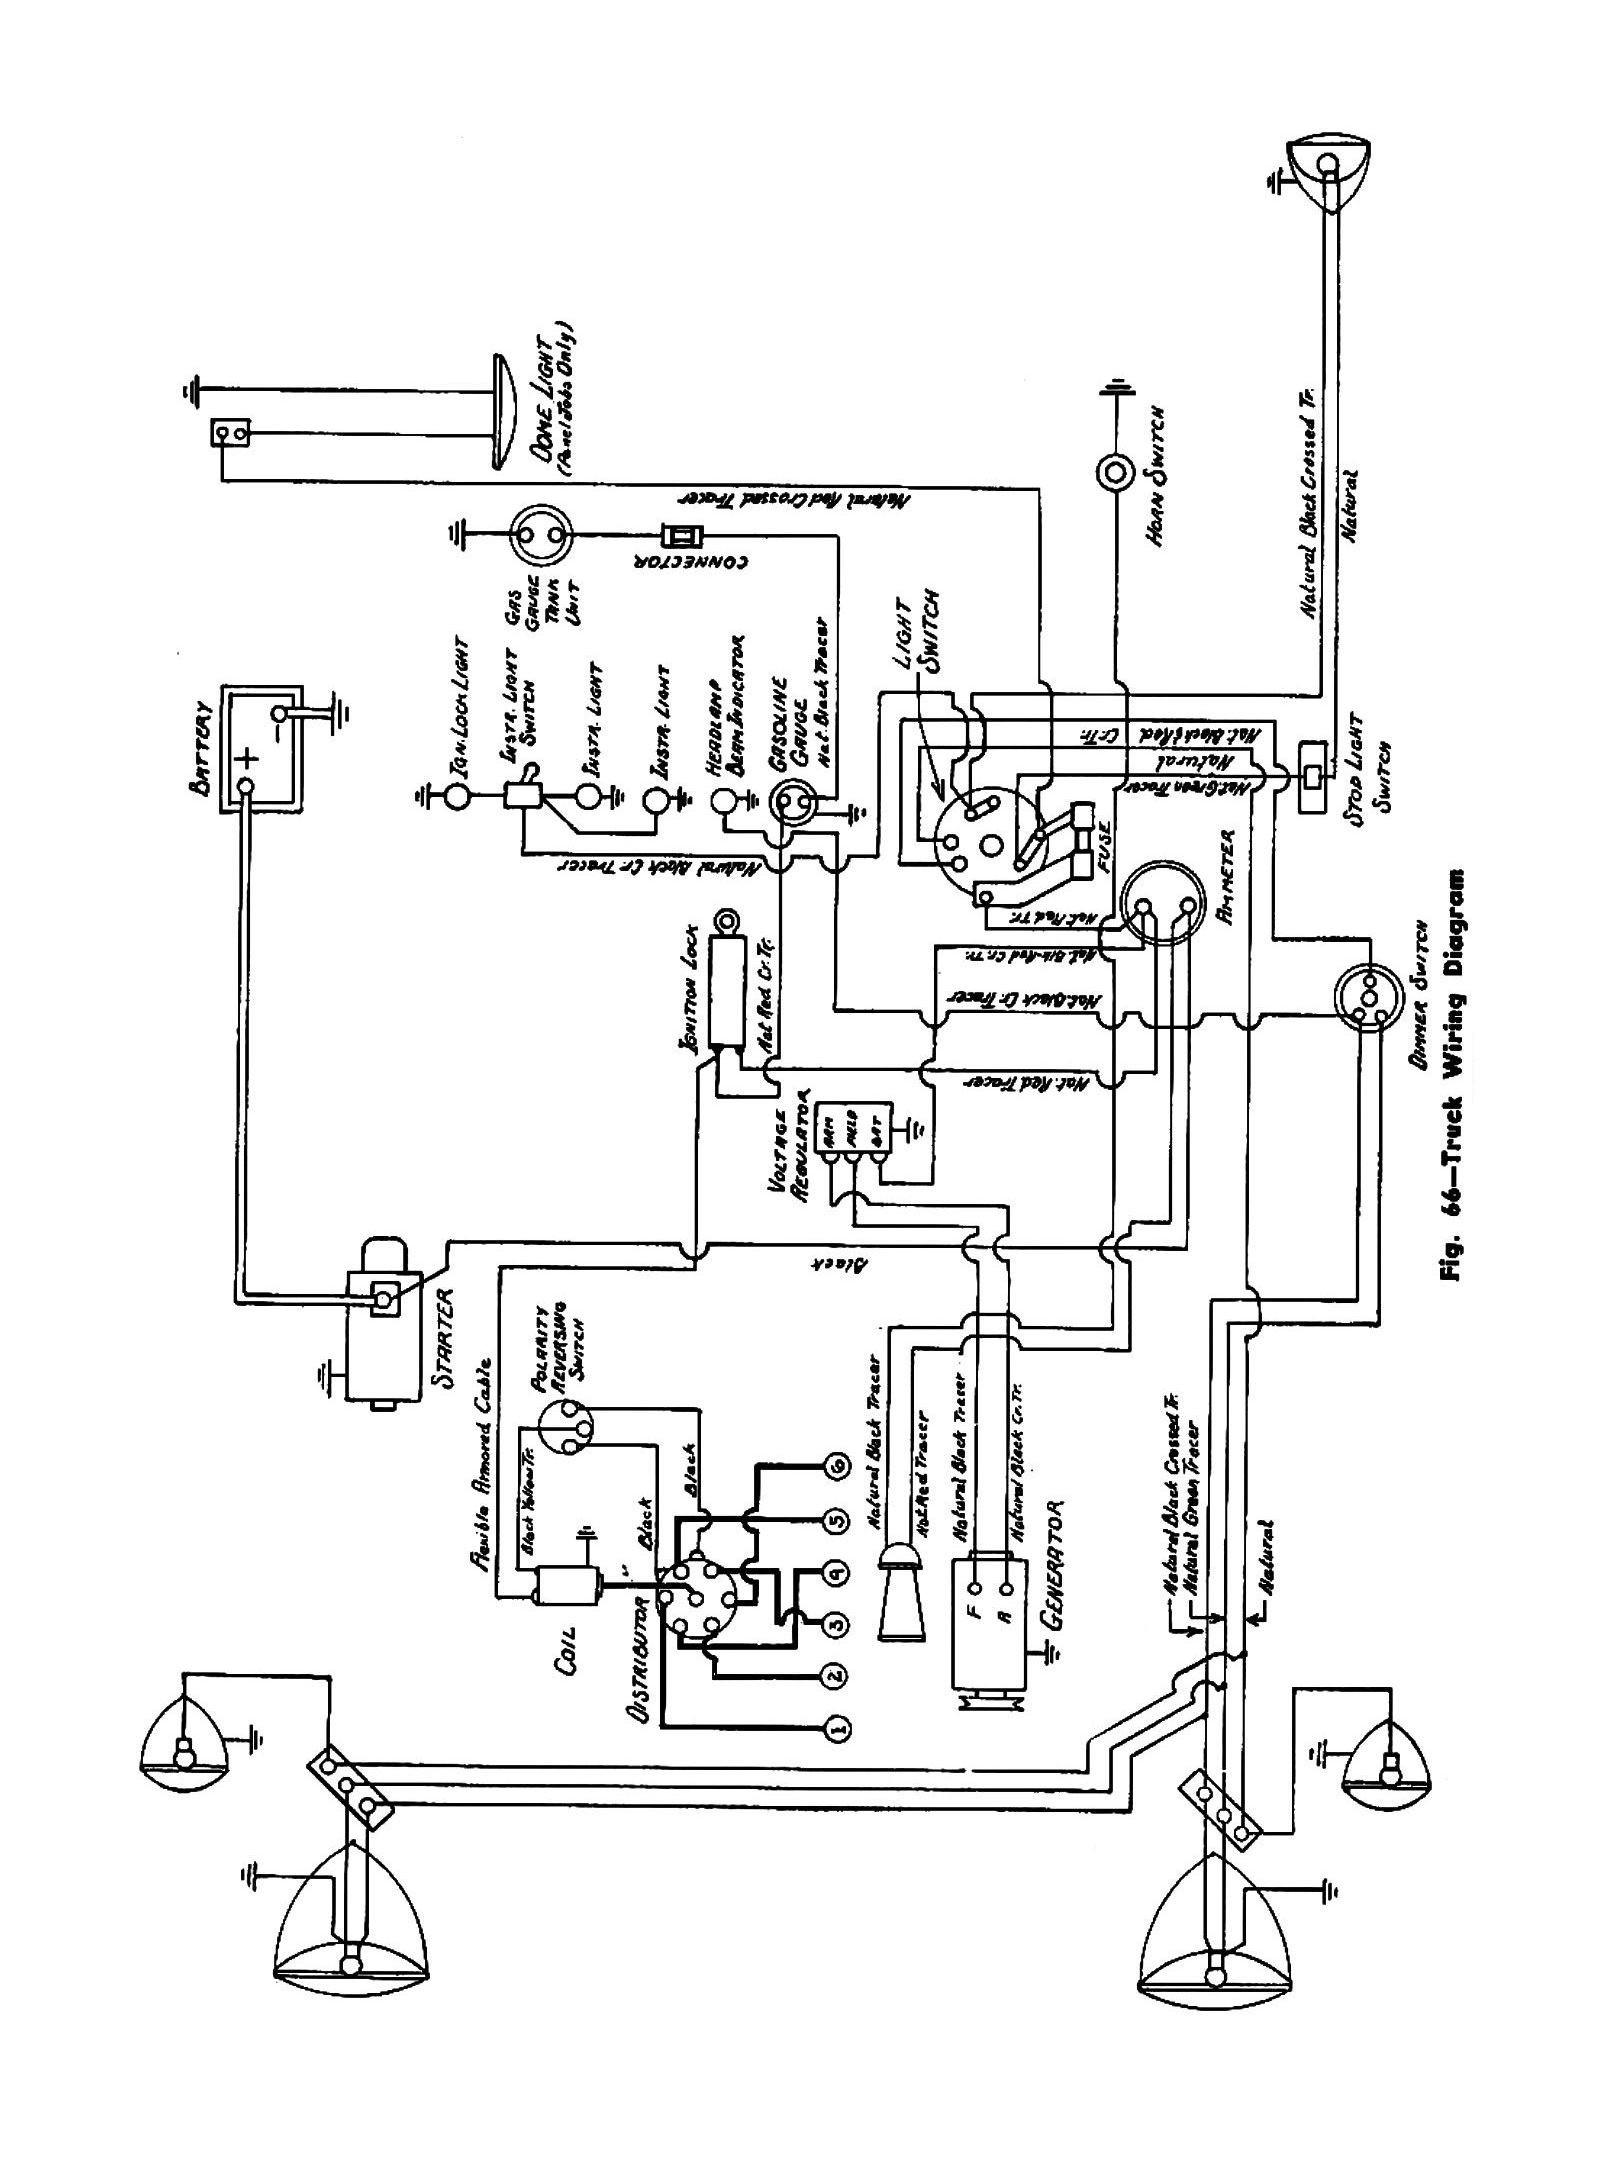 47 International Trucks Wiring Diagram - Wiring Diagram Data Oreo - International Truck Wiring Diagram Manual